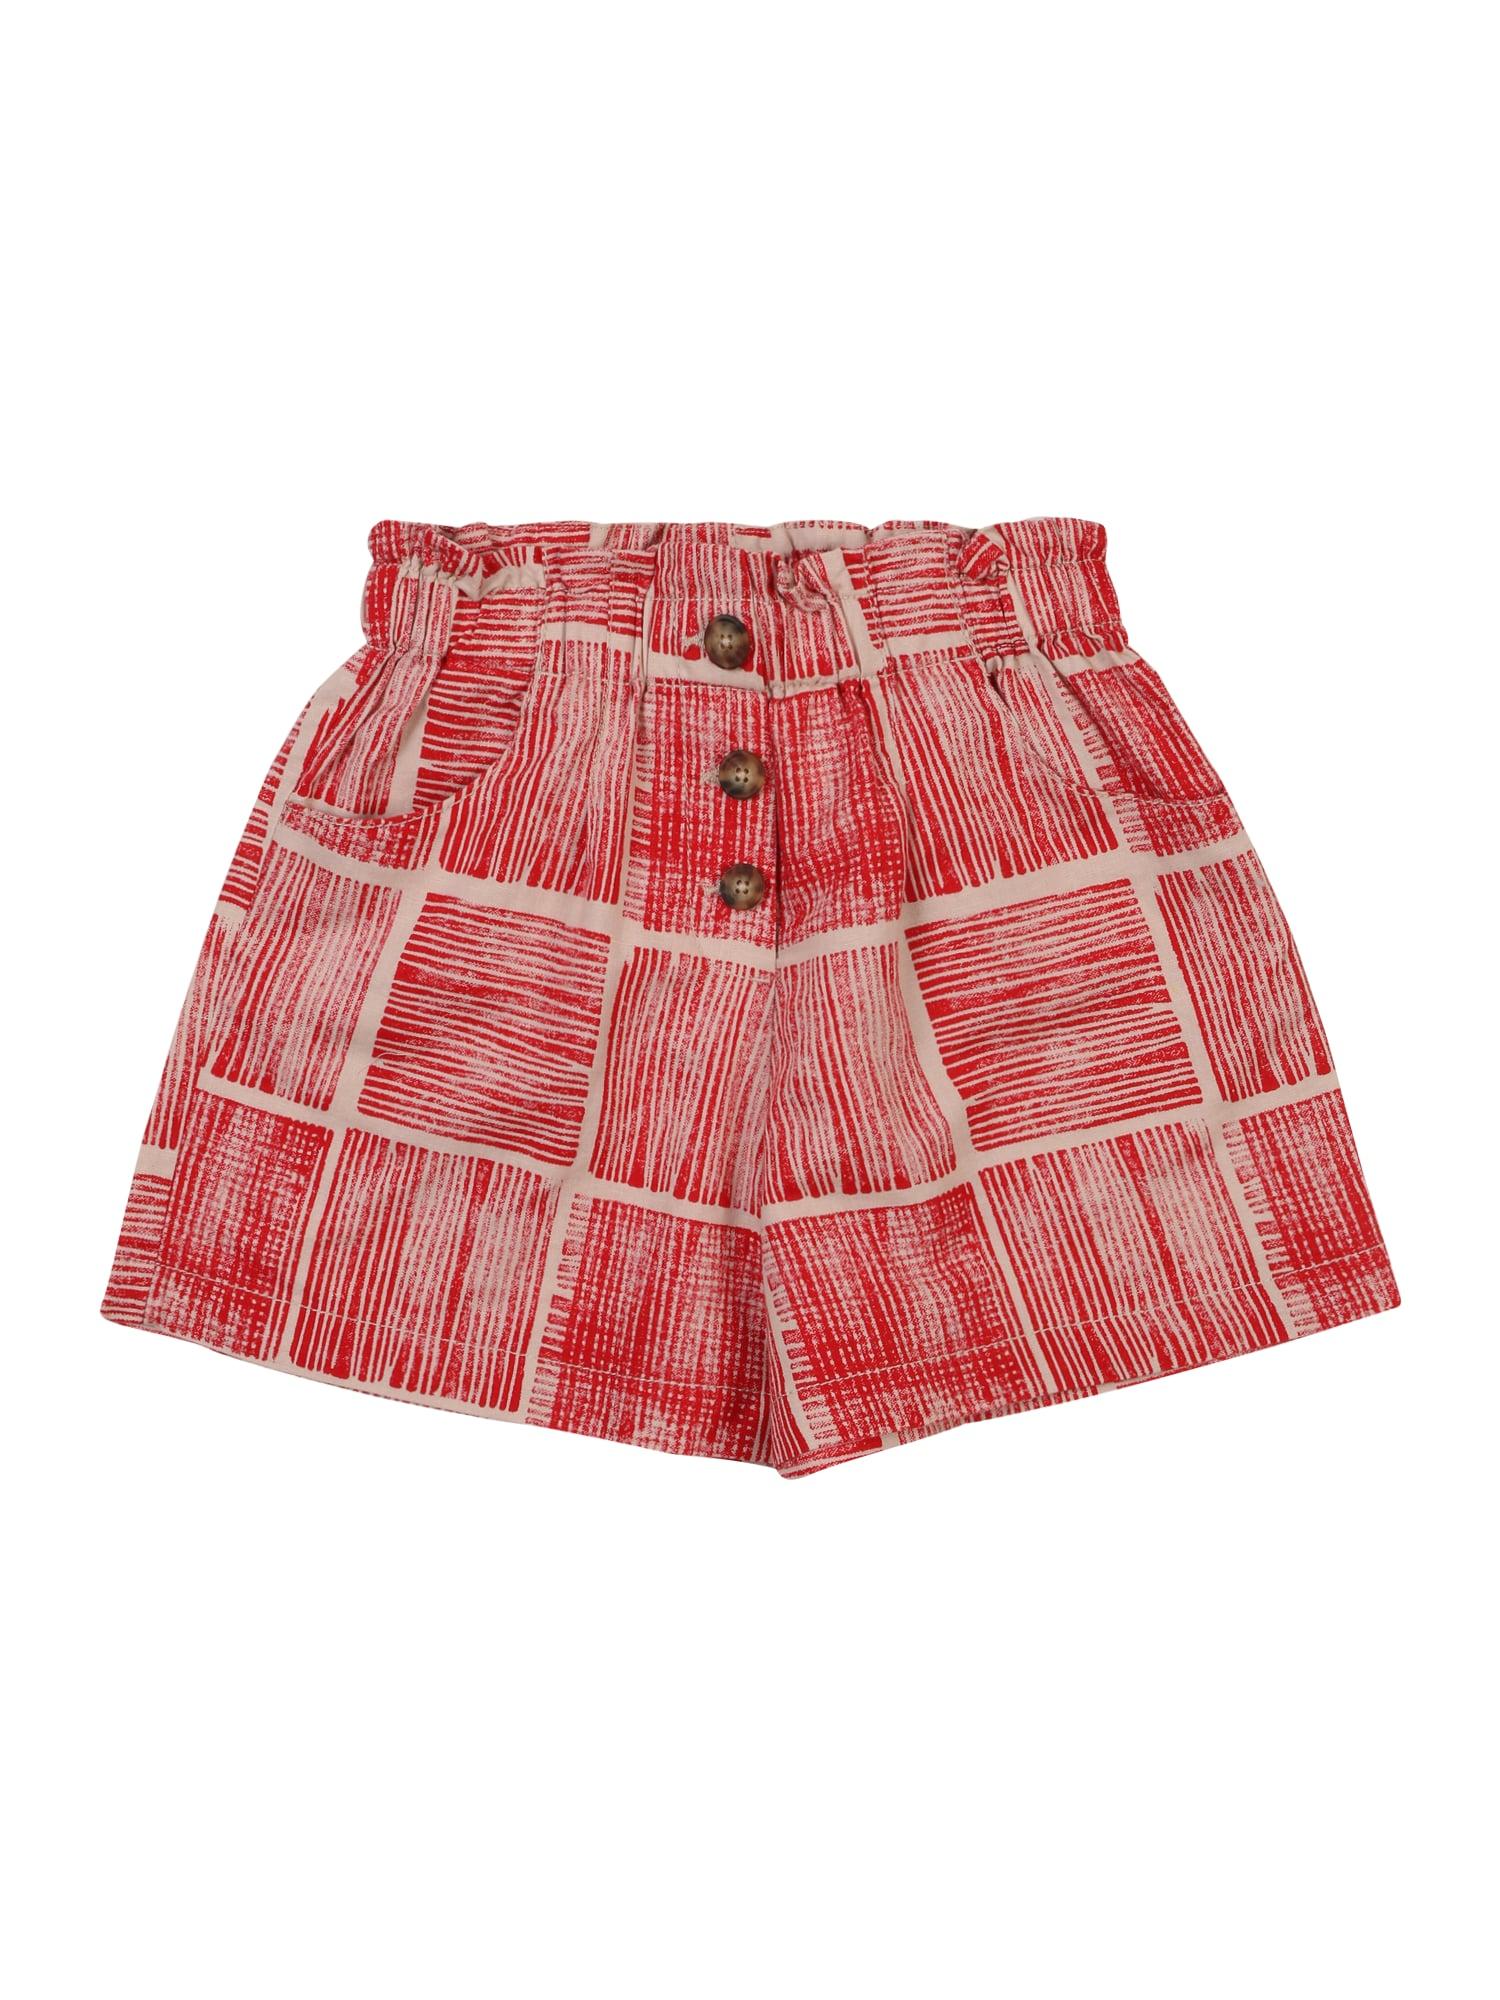 UNITED COLORS OF BENETTON Kelnės raudona / rožių spalva